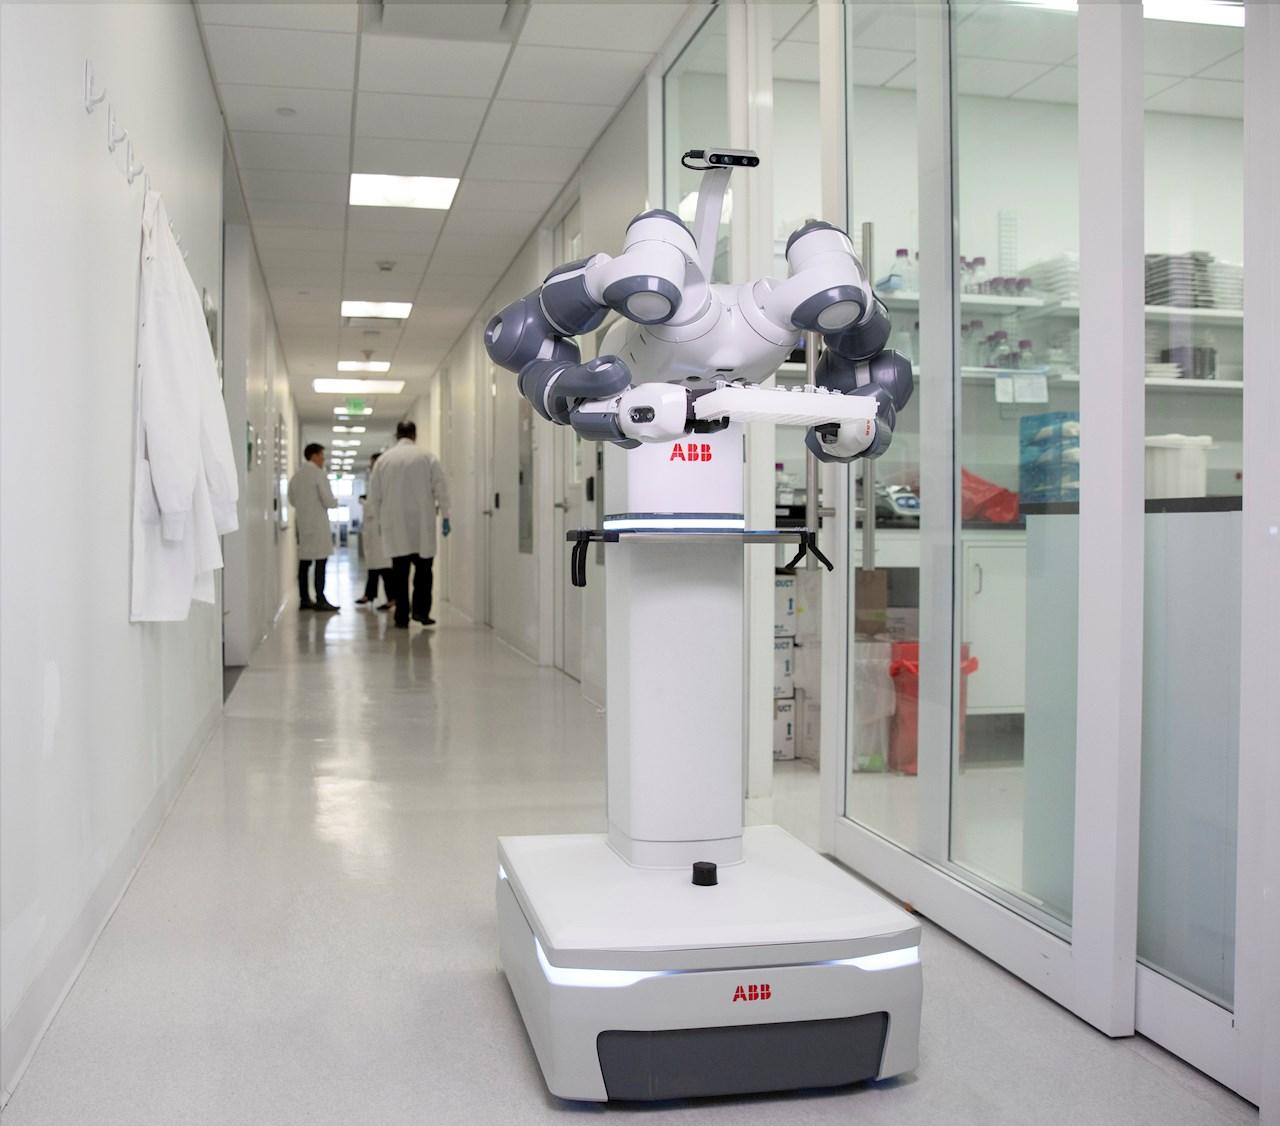 ABBs mobile og autonome YuMi®-laboratorierobot vil være designet for å fungere sammen med helsepersonell og laboratorieansatte.